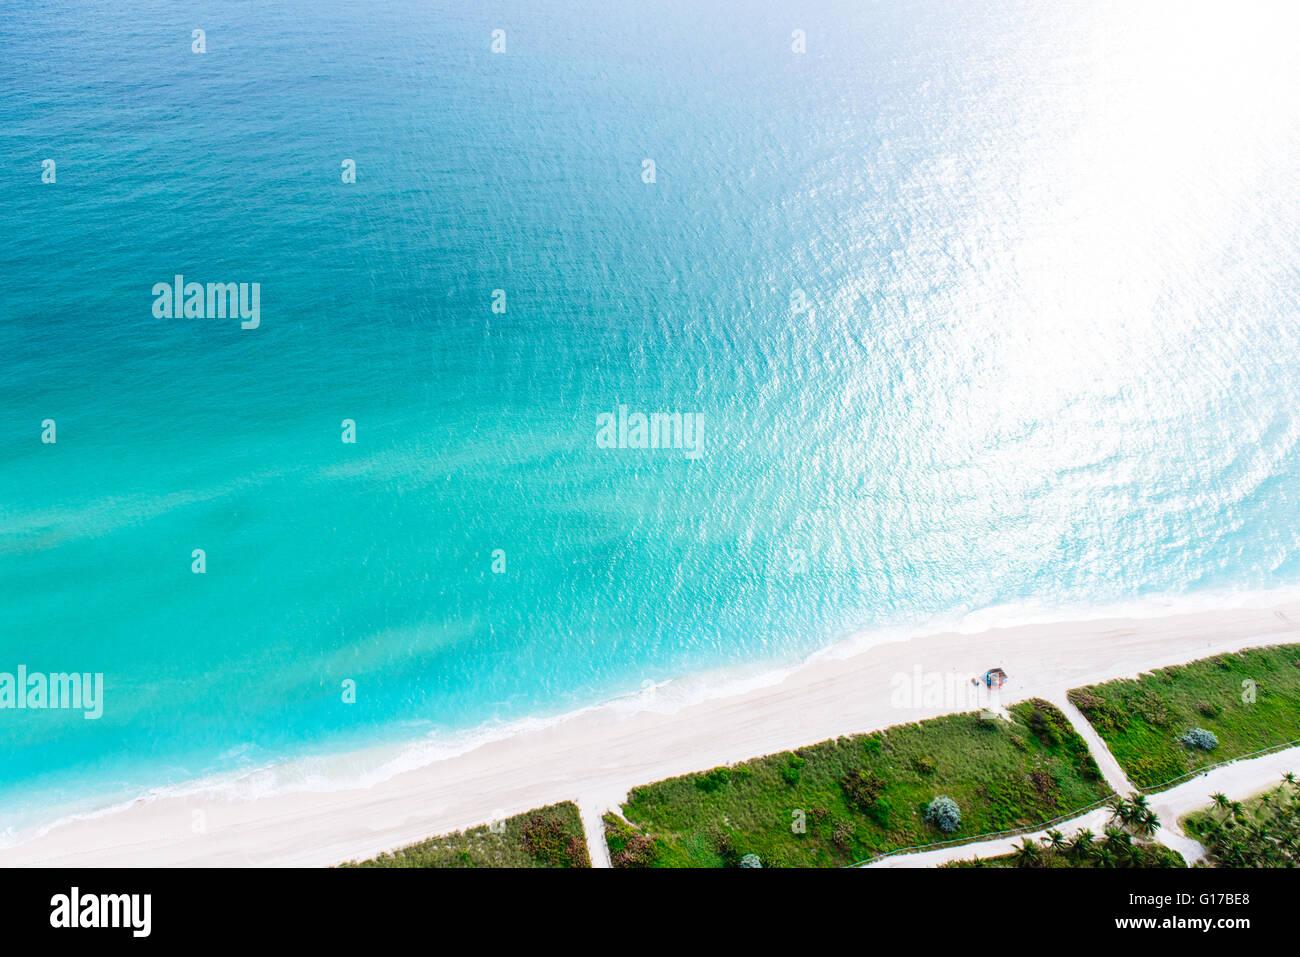 Vue aérienne de l'océan et le littoral, Miami, Floride, USA Photo Stock